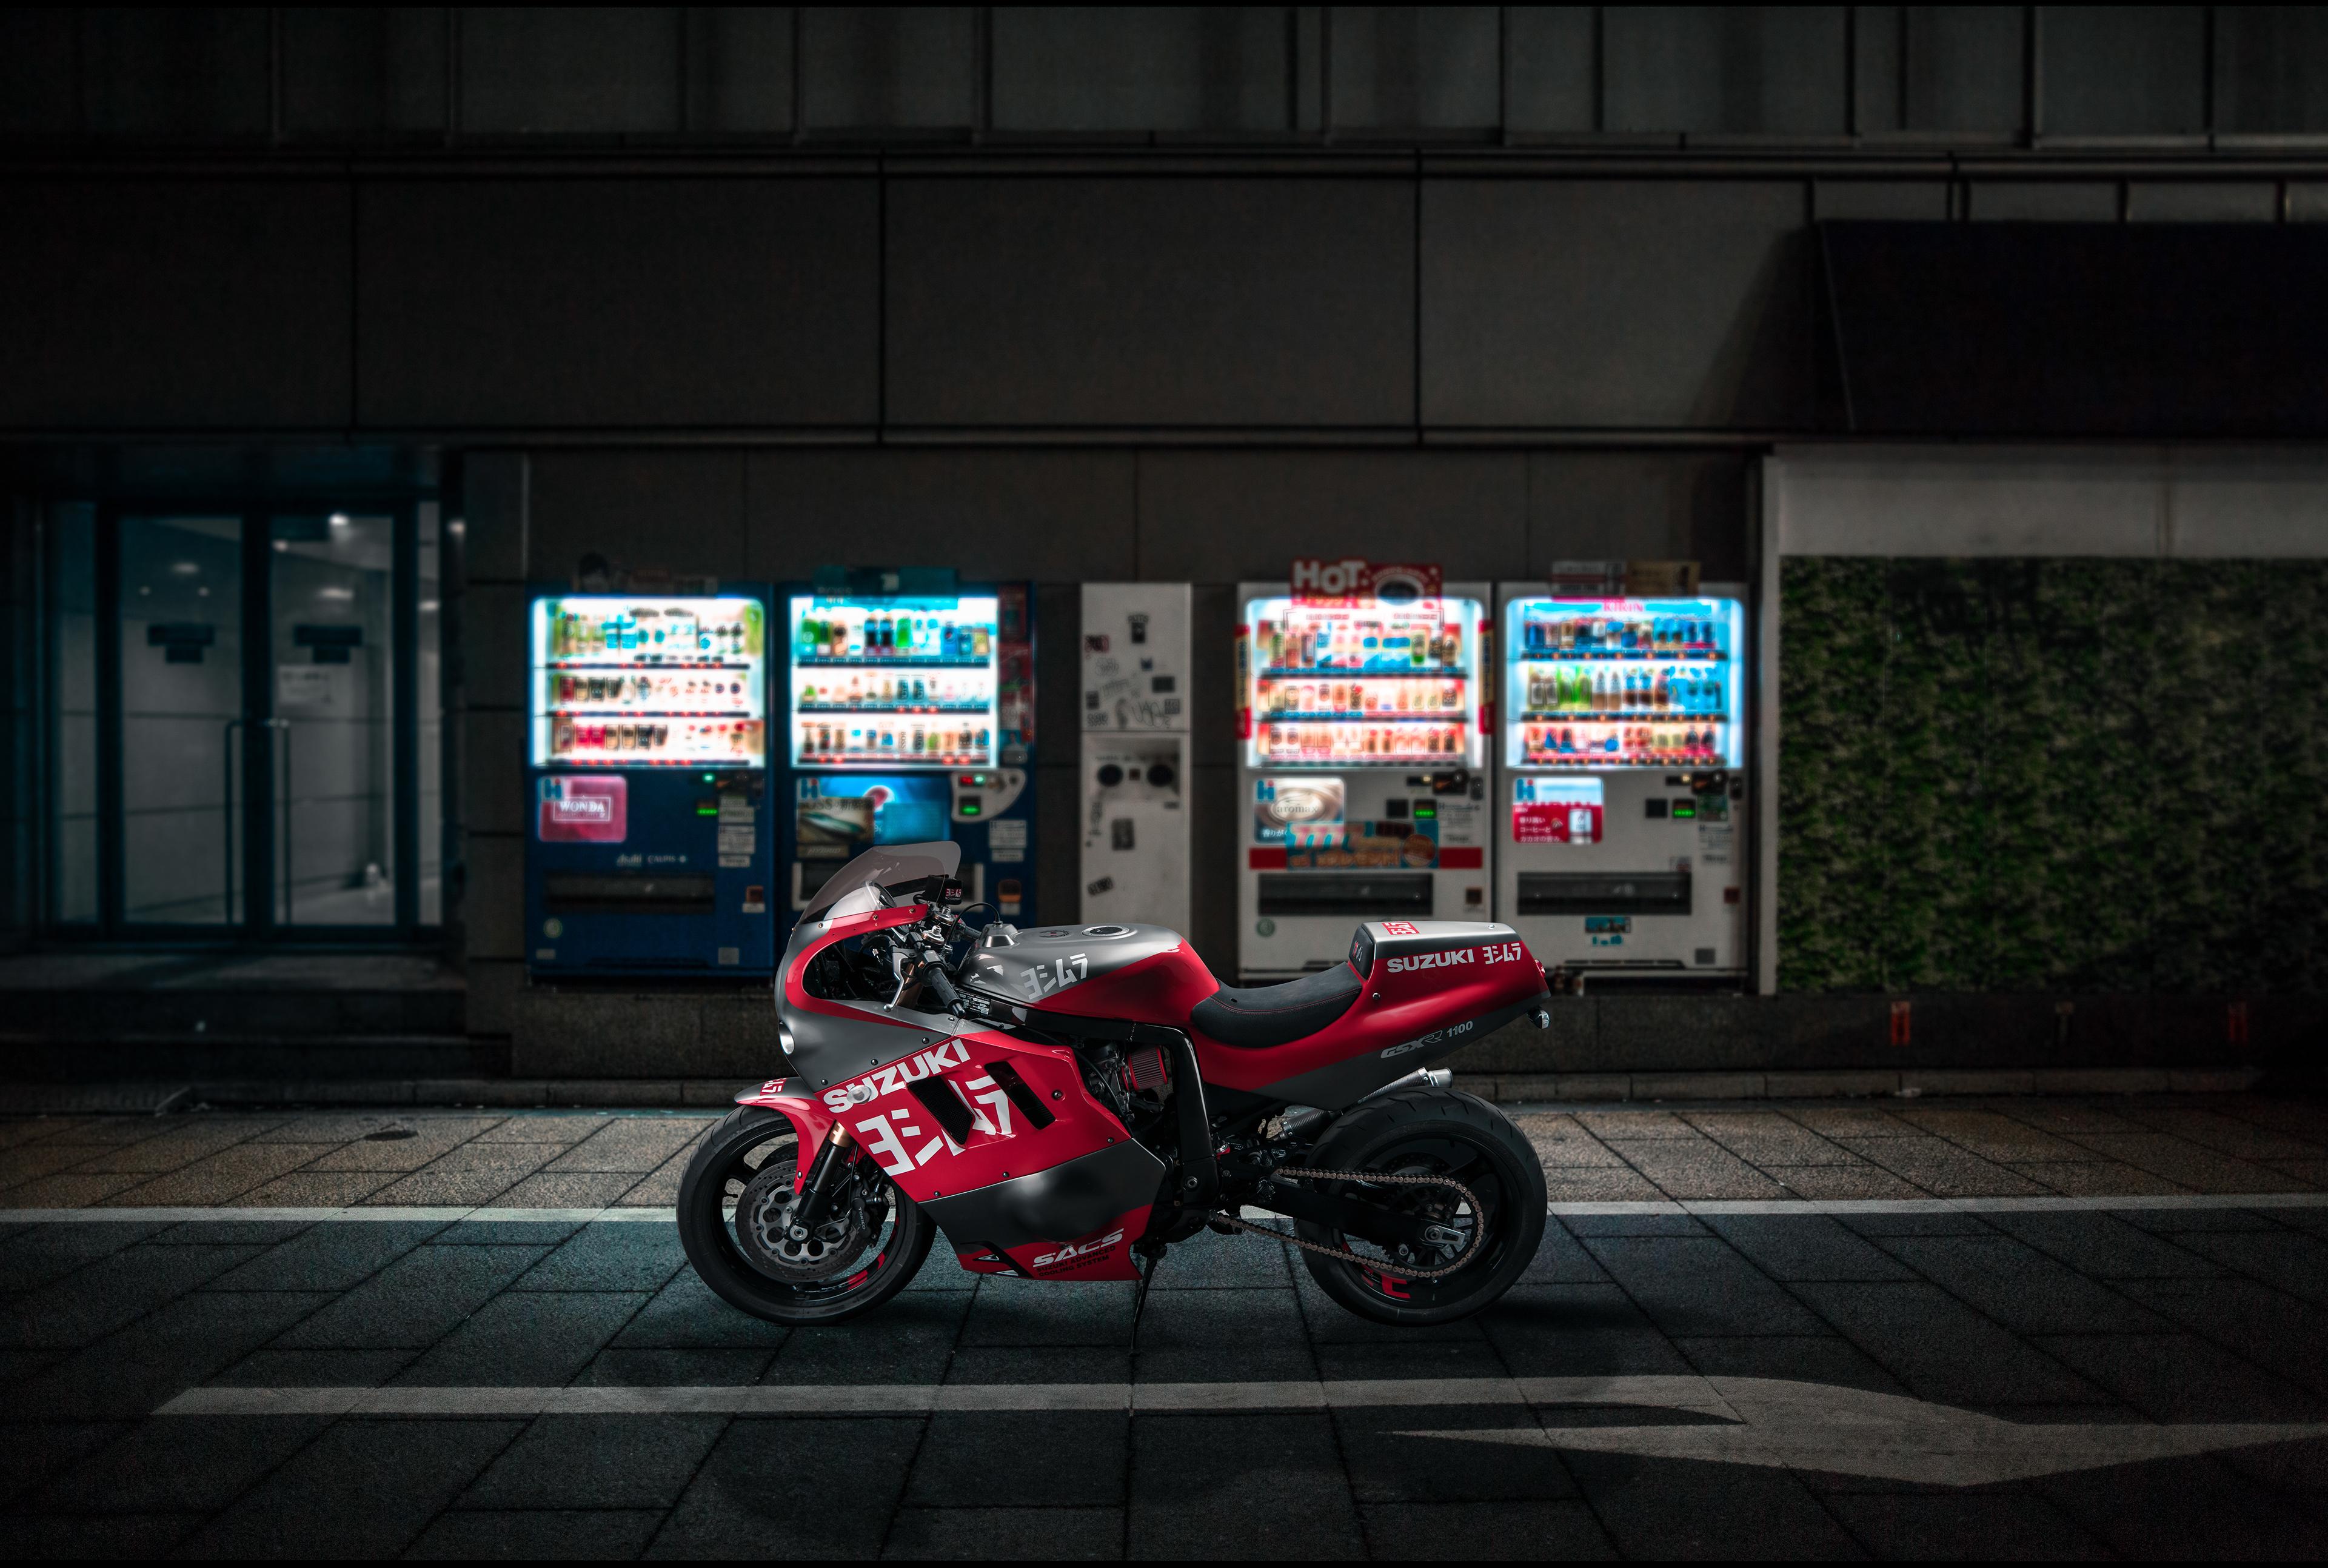 Venom Suzuki GSXR 1100, HD Bikes, 4k Wallpapers, Images